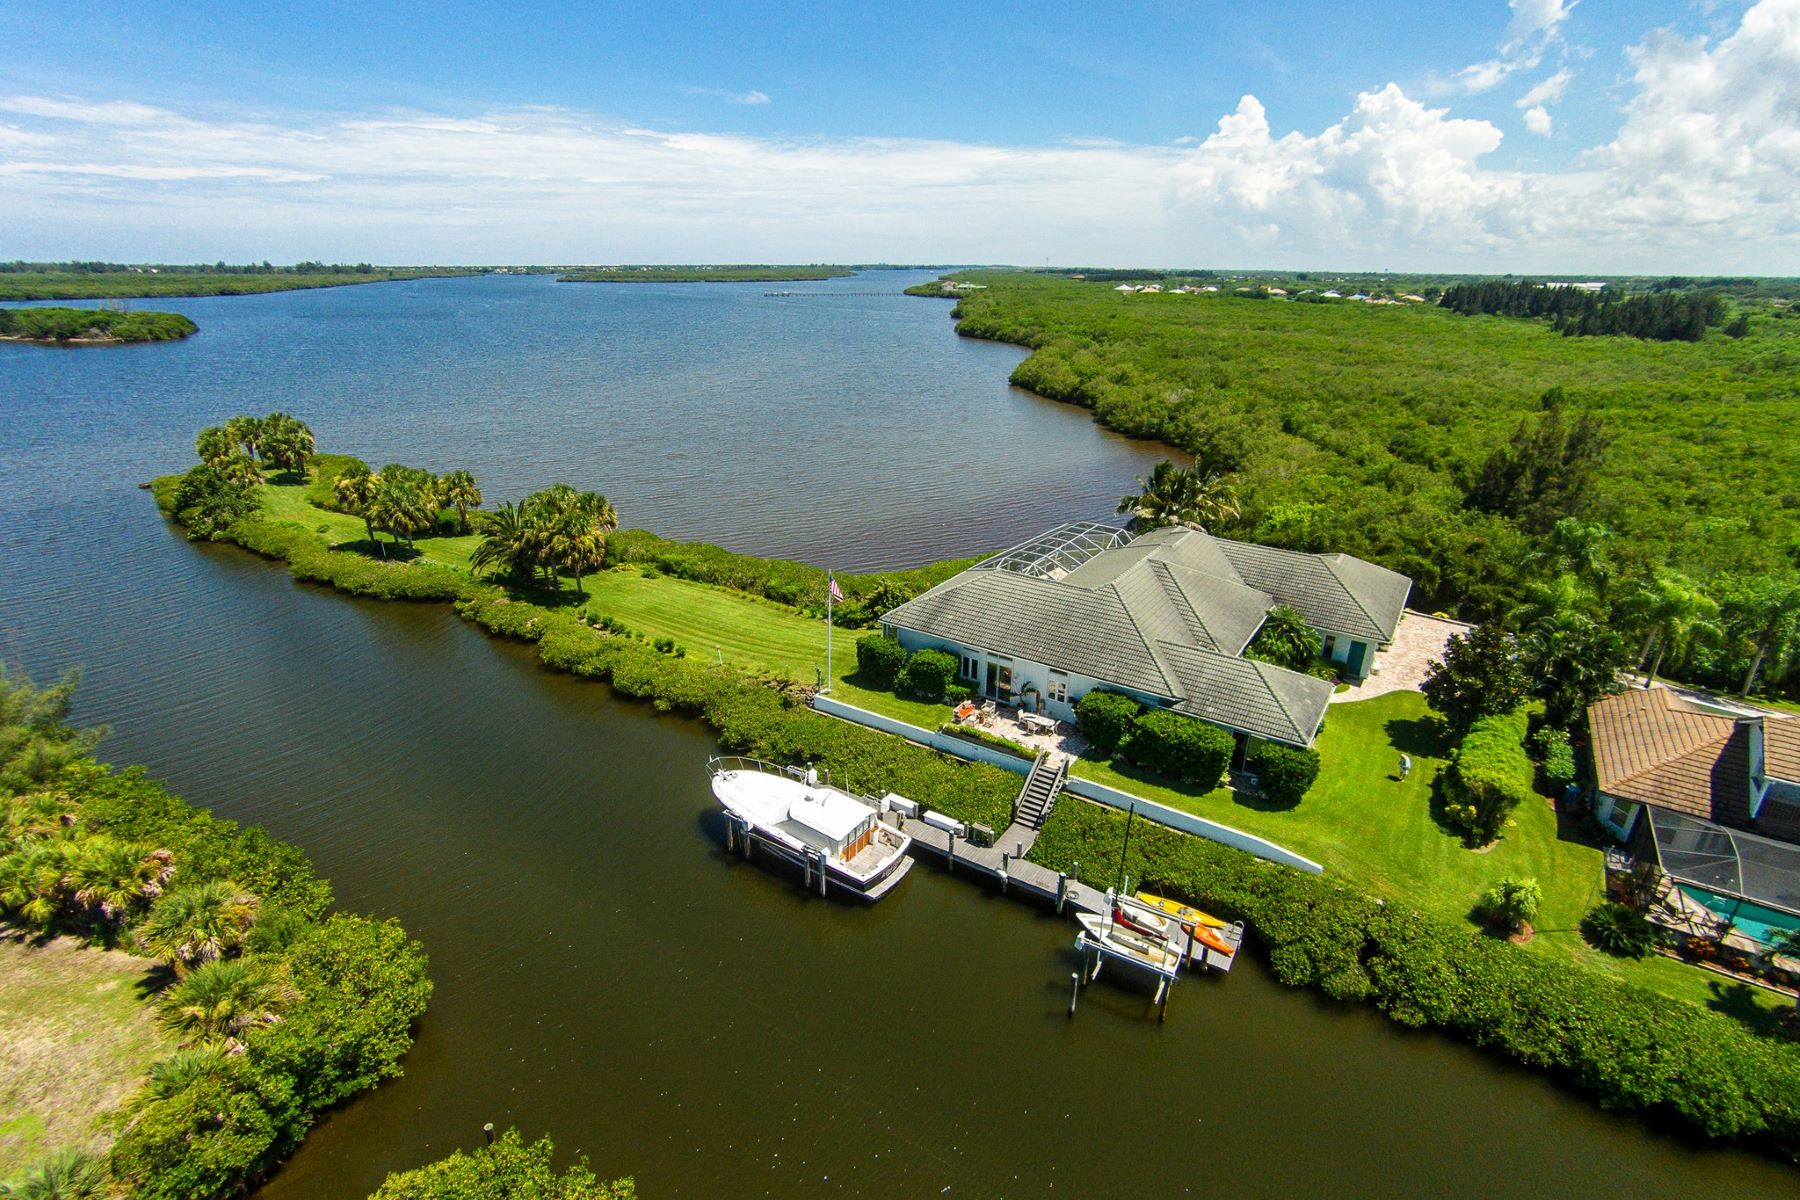 Tek Ailelik Ev için Satış at Riverfront Point Lot 3490 Marsha Lane Vero Beach, Florida, 32967 Amerika Birleşik Devletleri